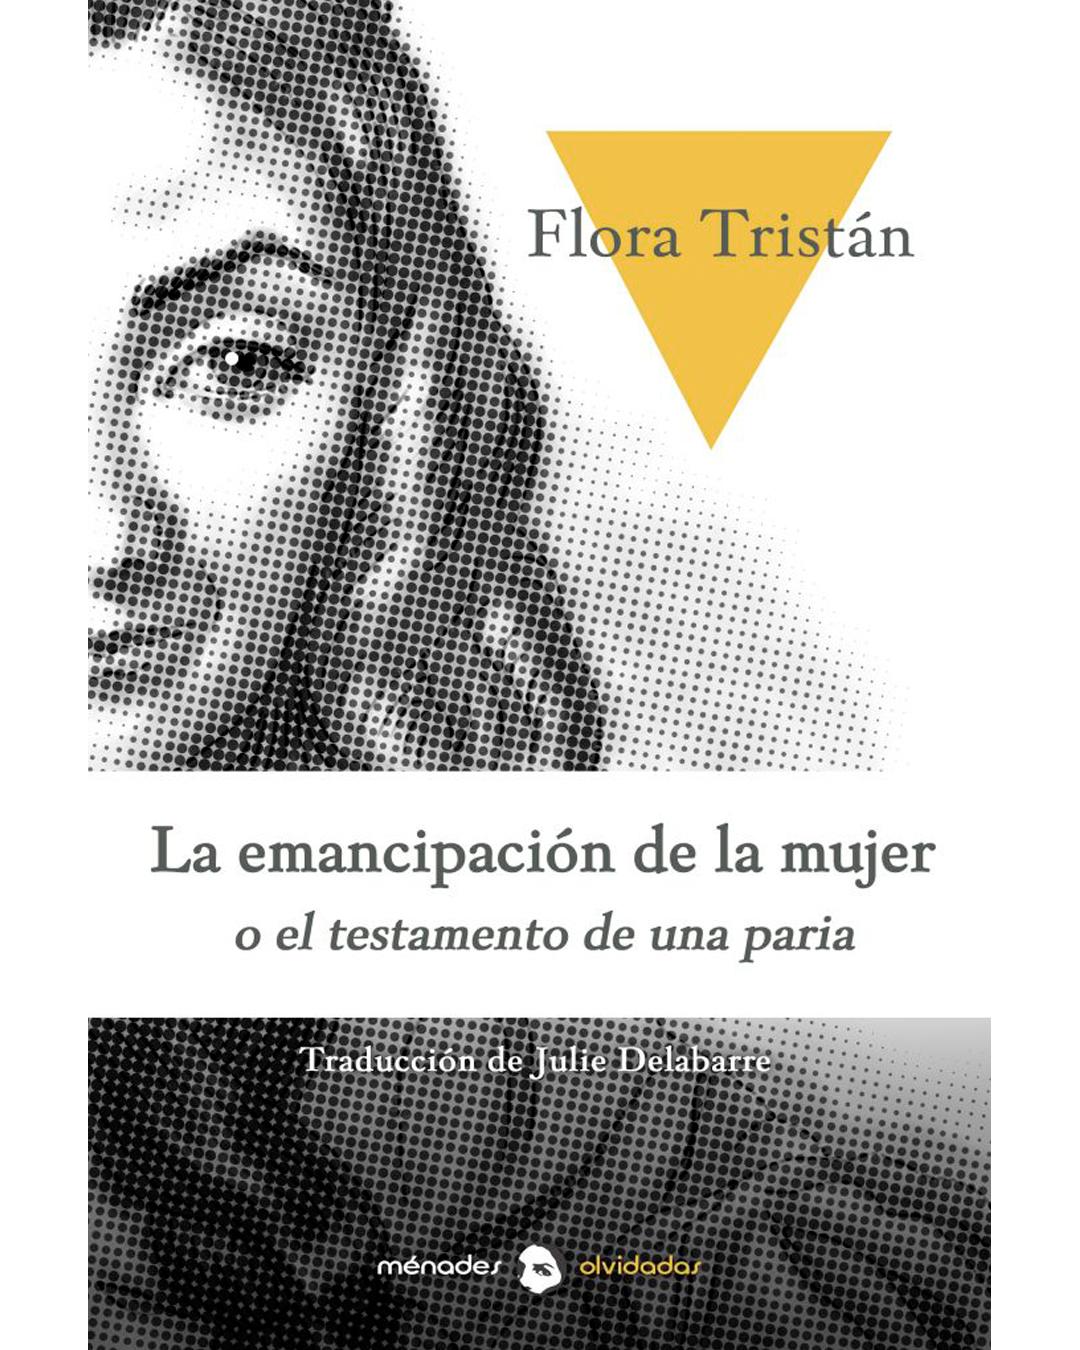 Portada La emancipación de la mujer de Flora Tristán